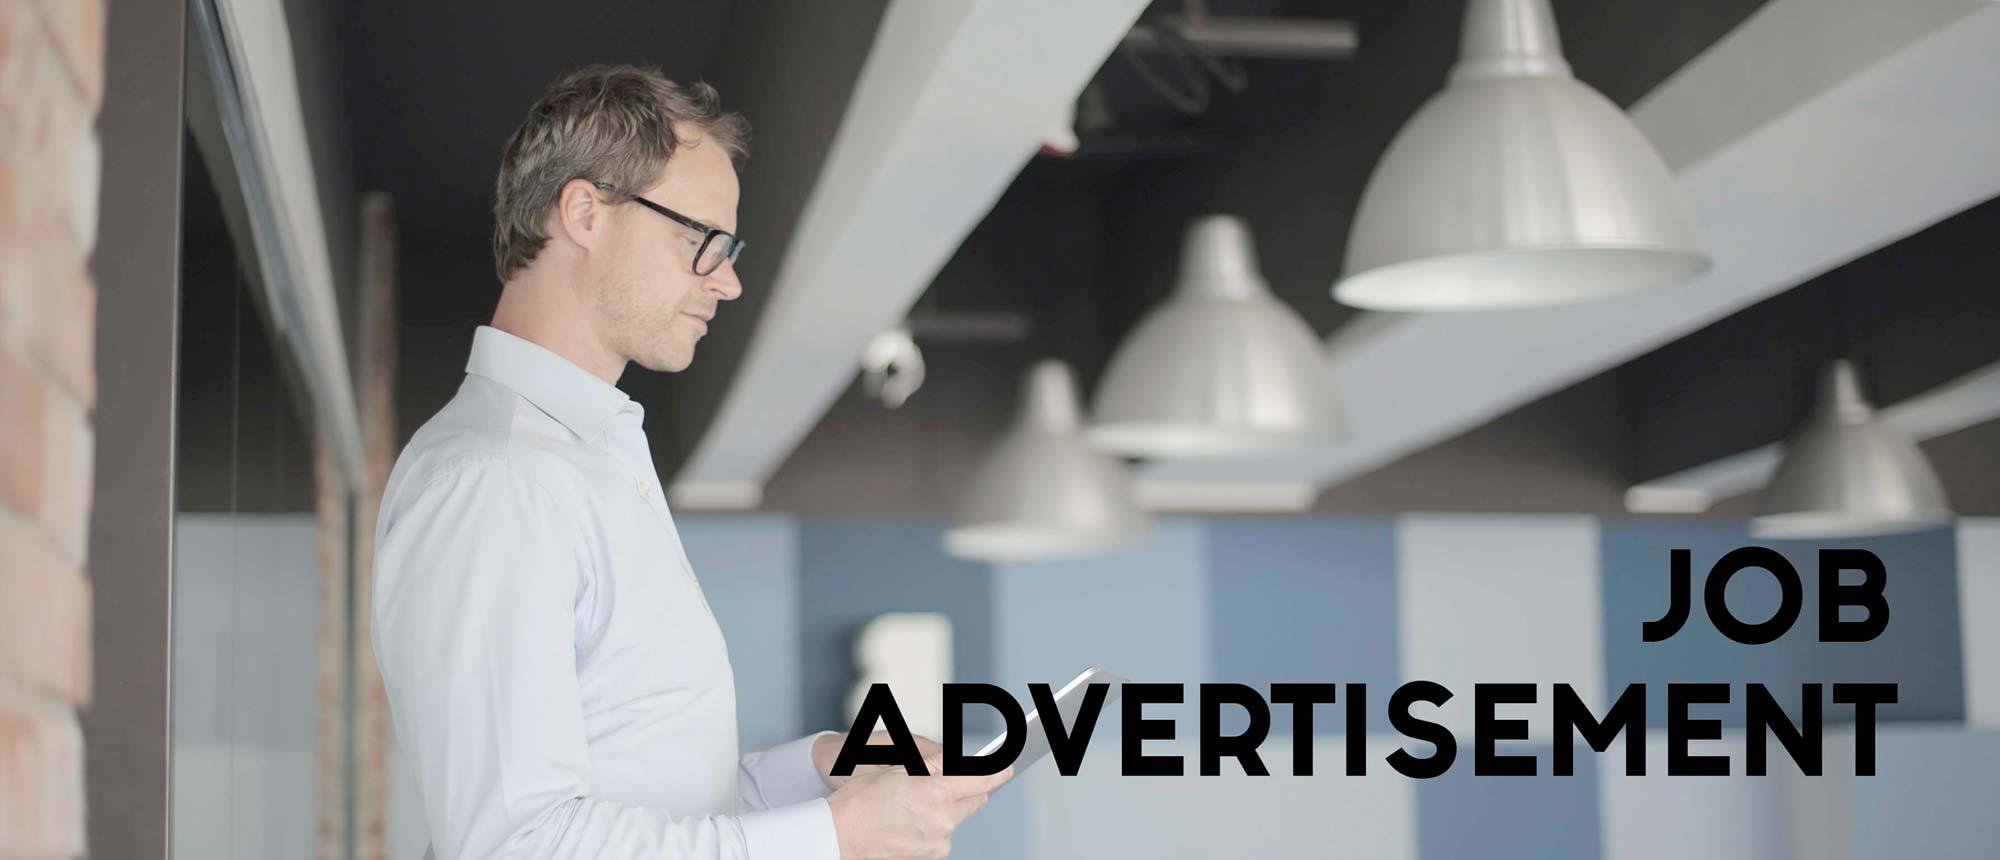 Proxis-Developpement-groupe-industriel-francais-job-advertisement-01